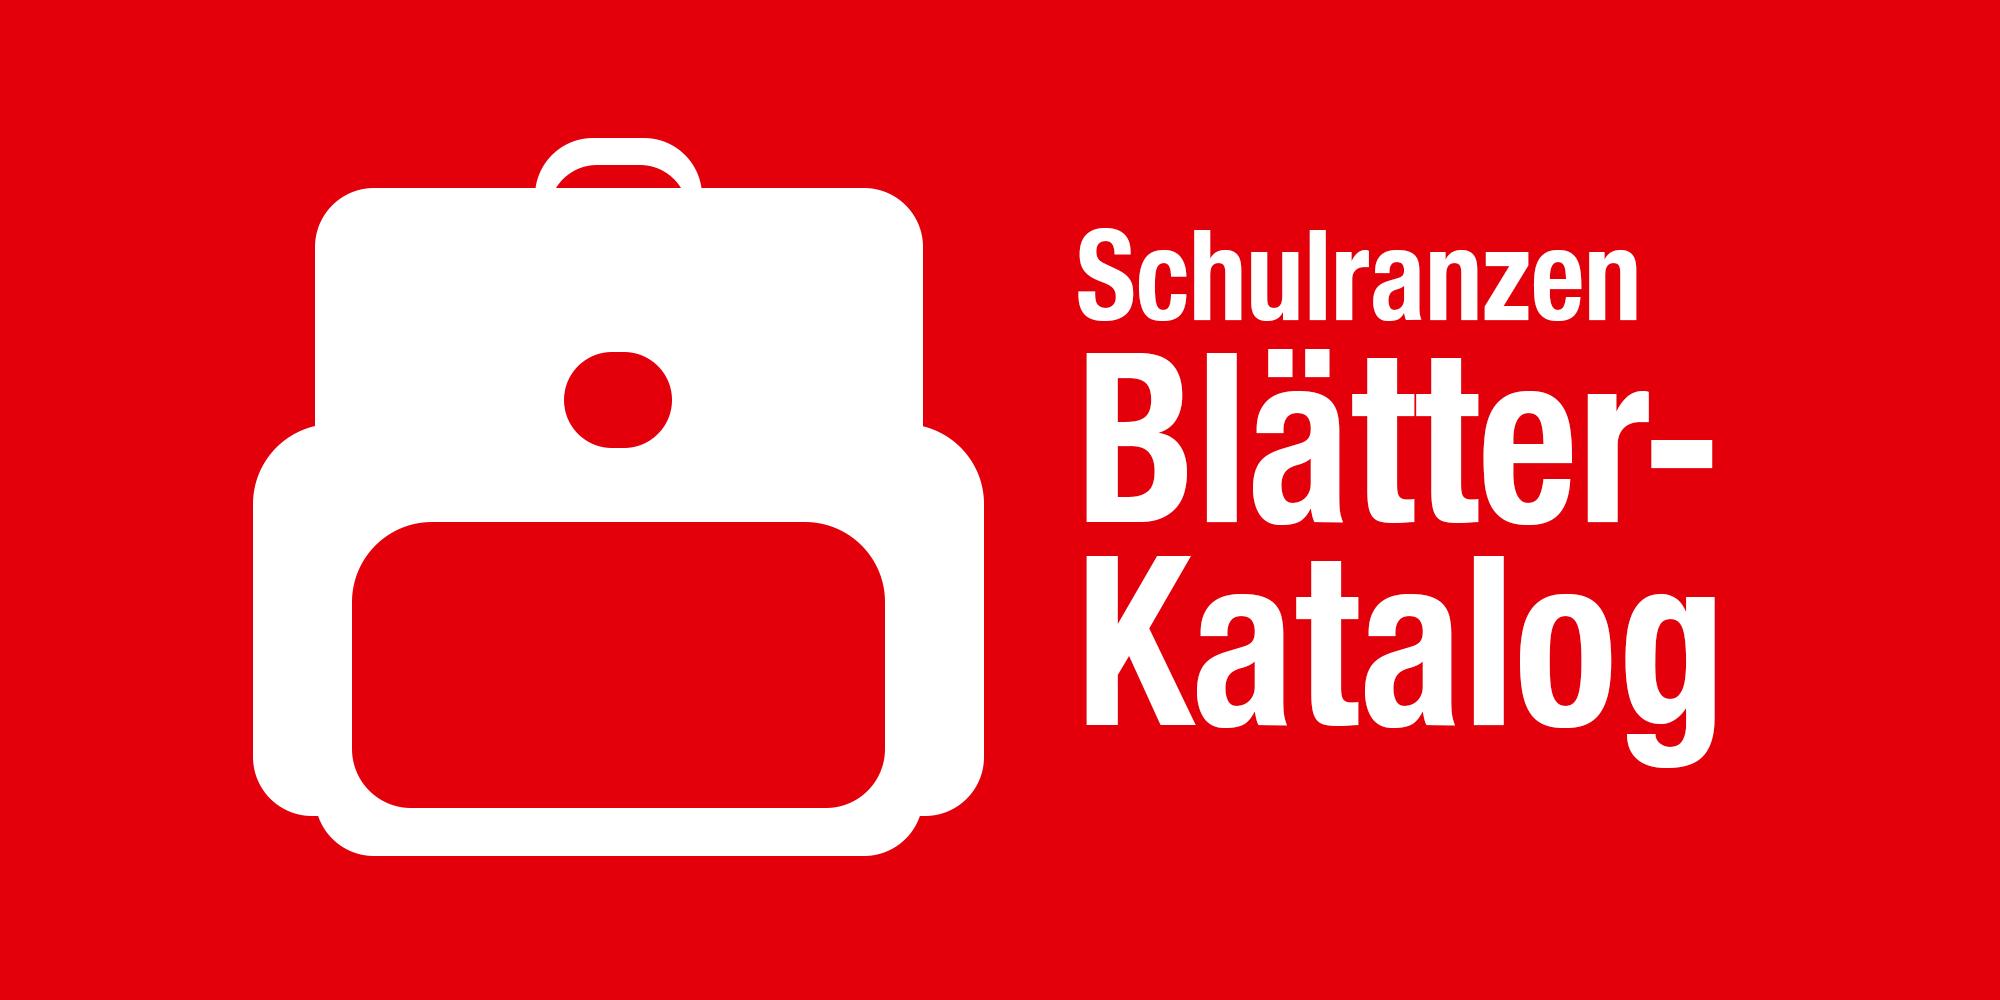 Büro Box Buxtehuder Büroartikel Markt: Schulranzen-Blätterkatalog